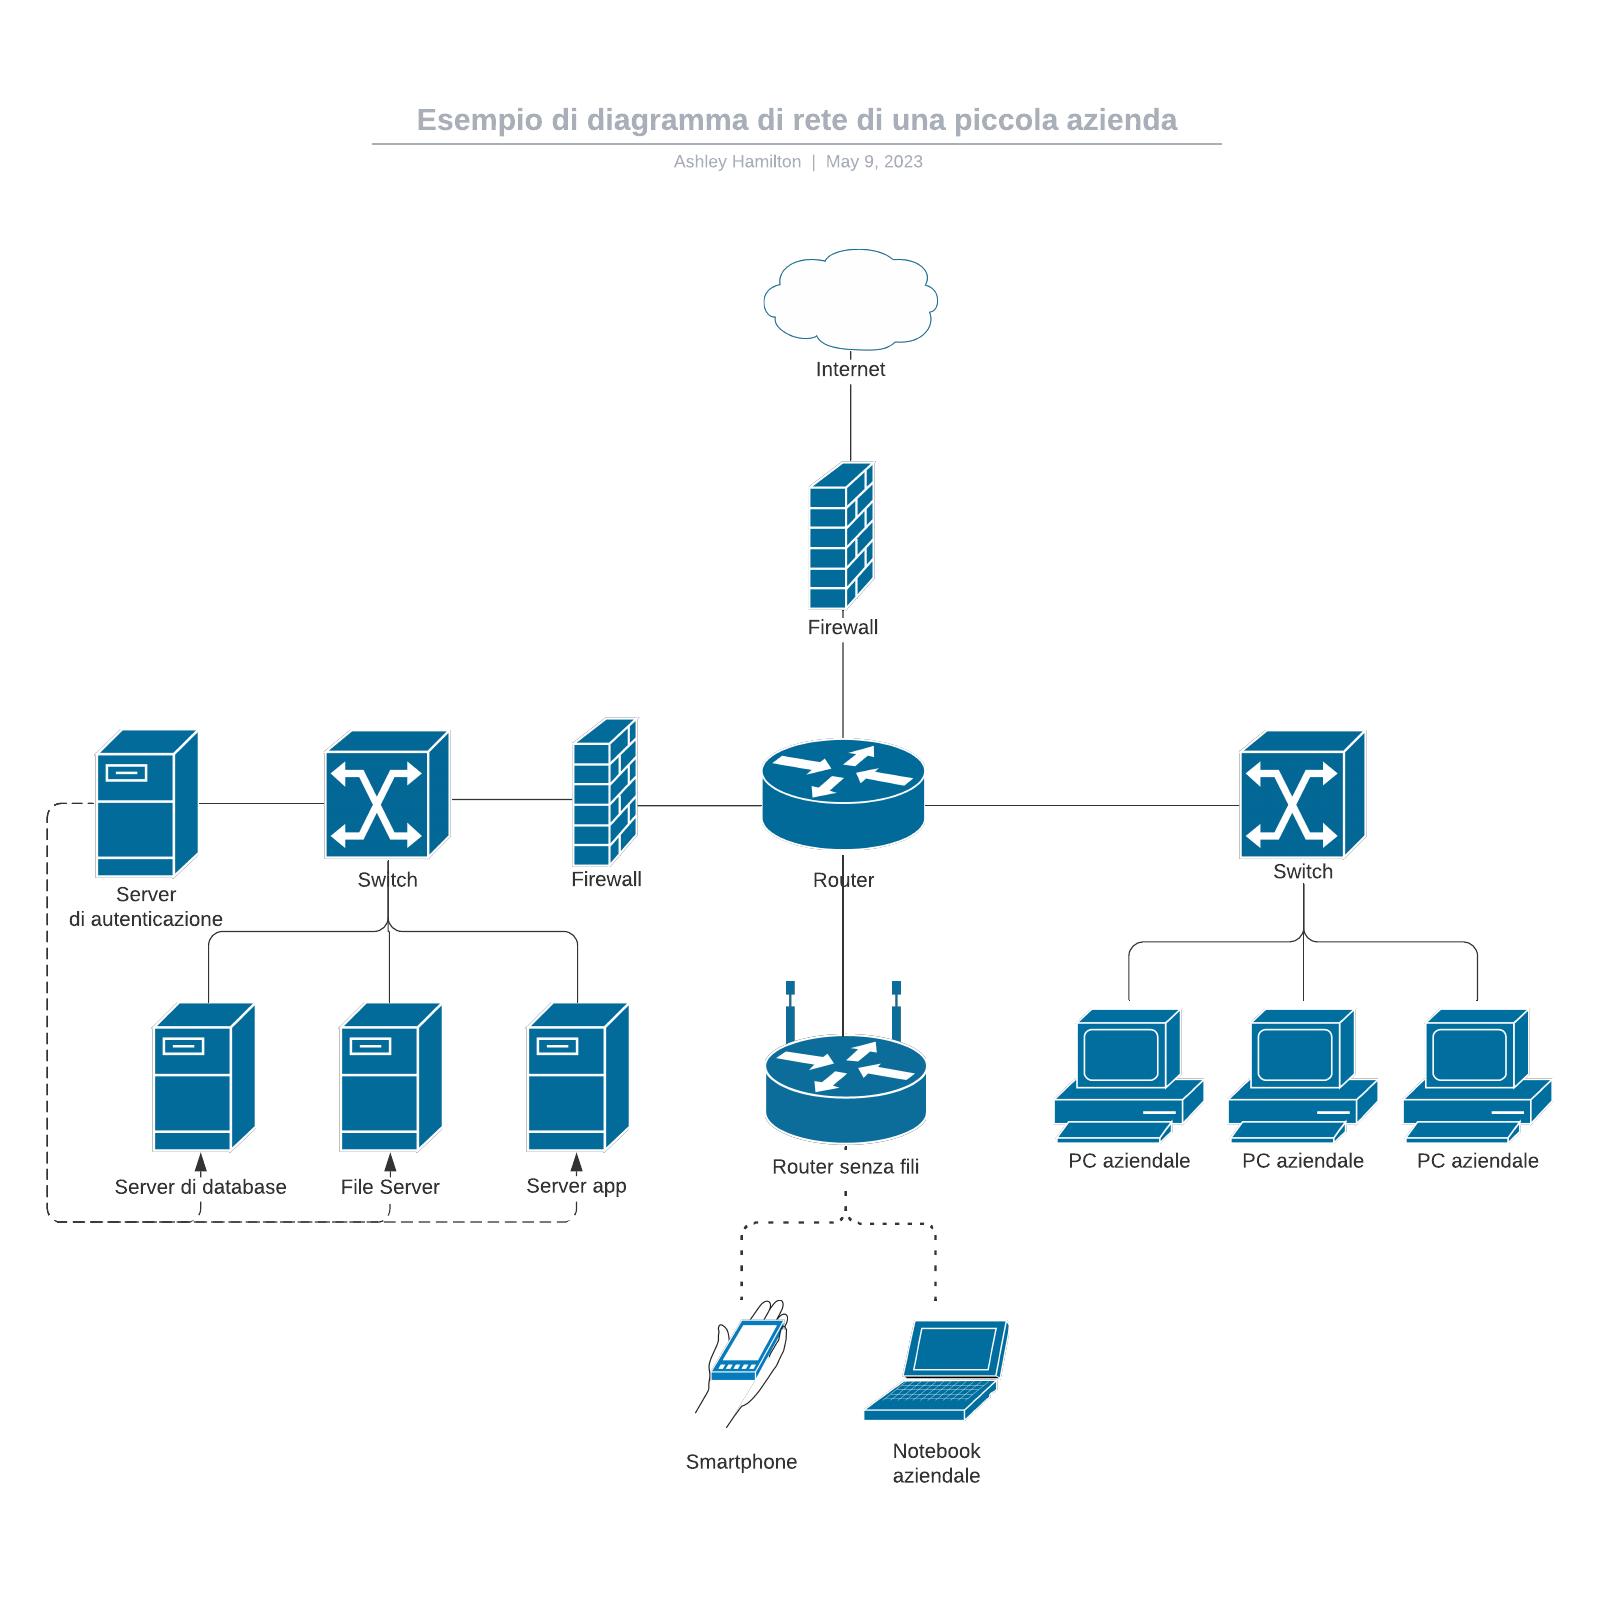 Esempio di diagramma di rete di una piccola azienda